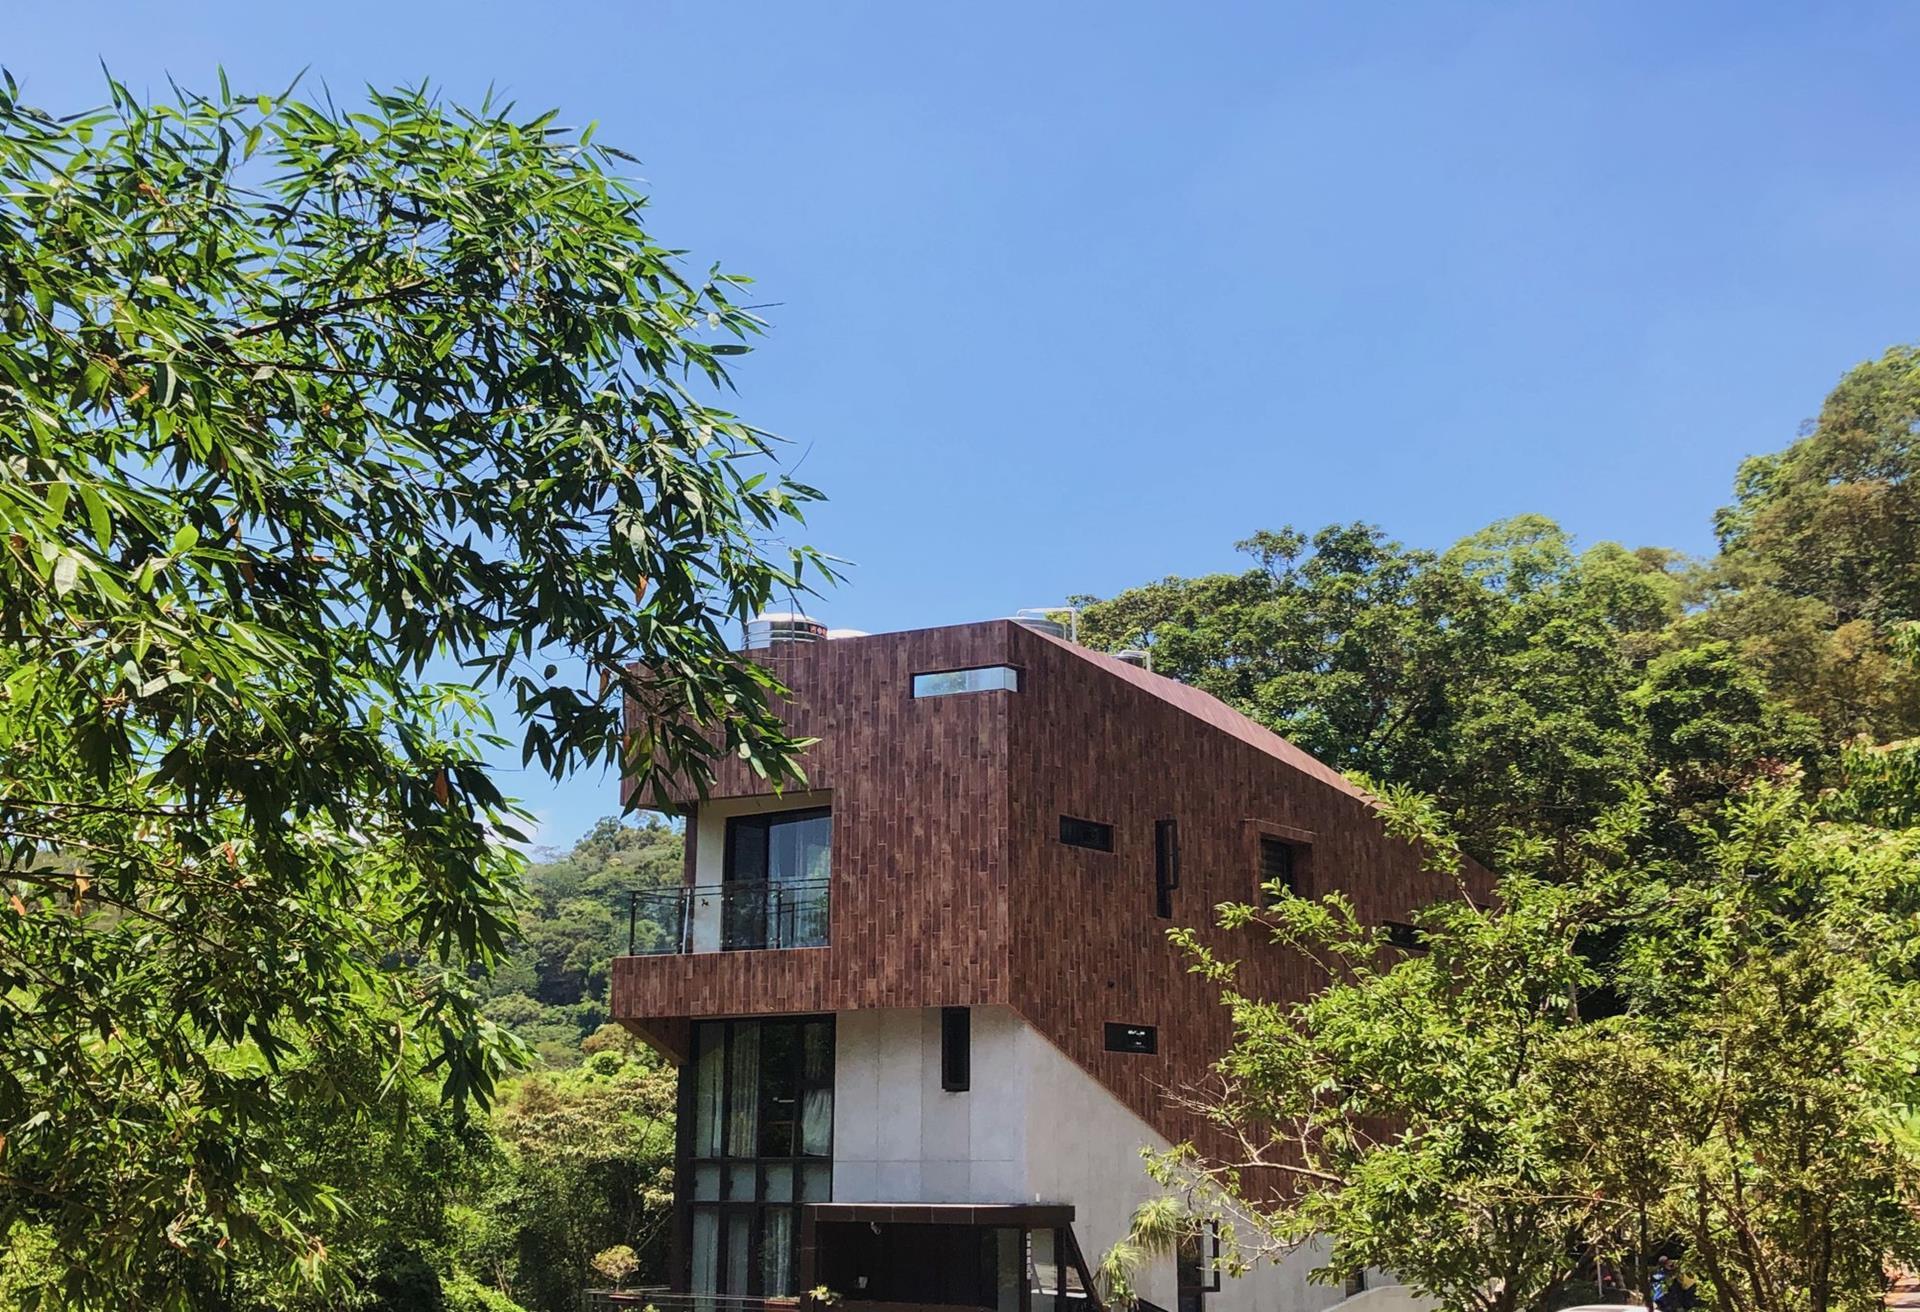 苗栗三義住宿推薦 - 向草語蟲綠被綠樹圍繞著,份外適心